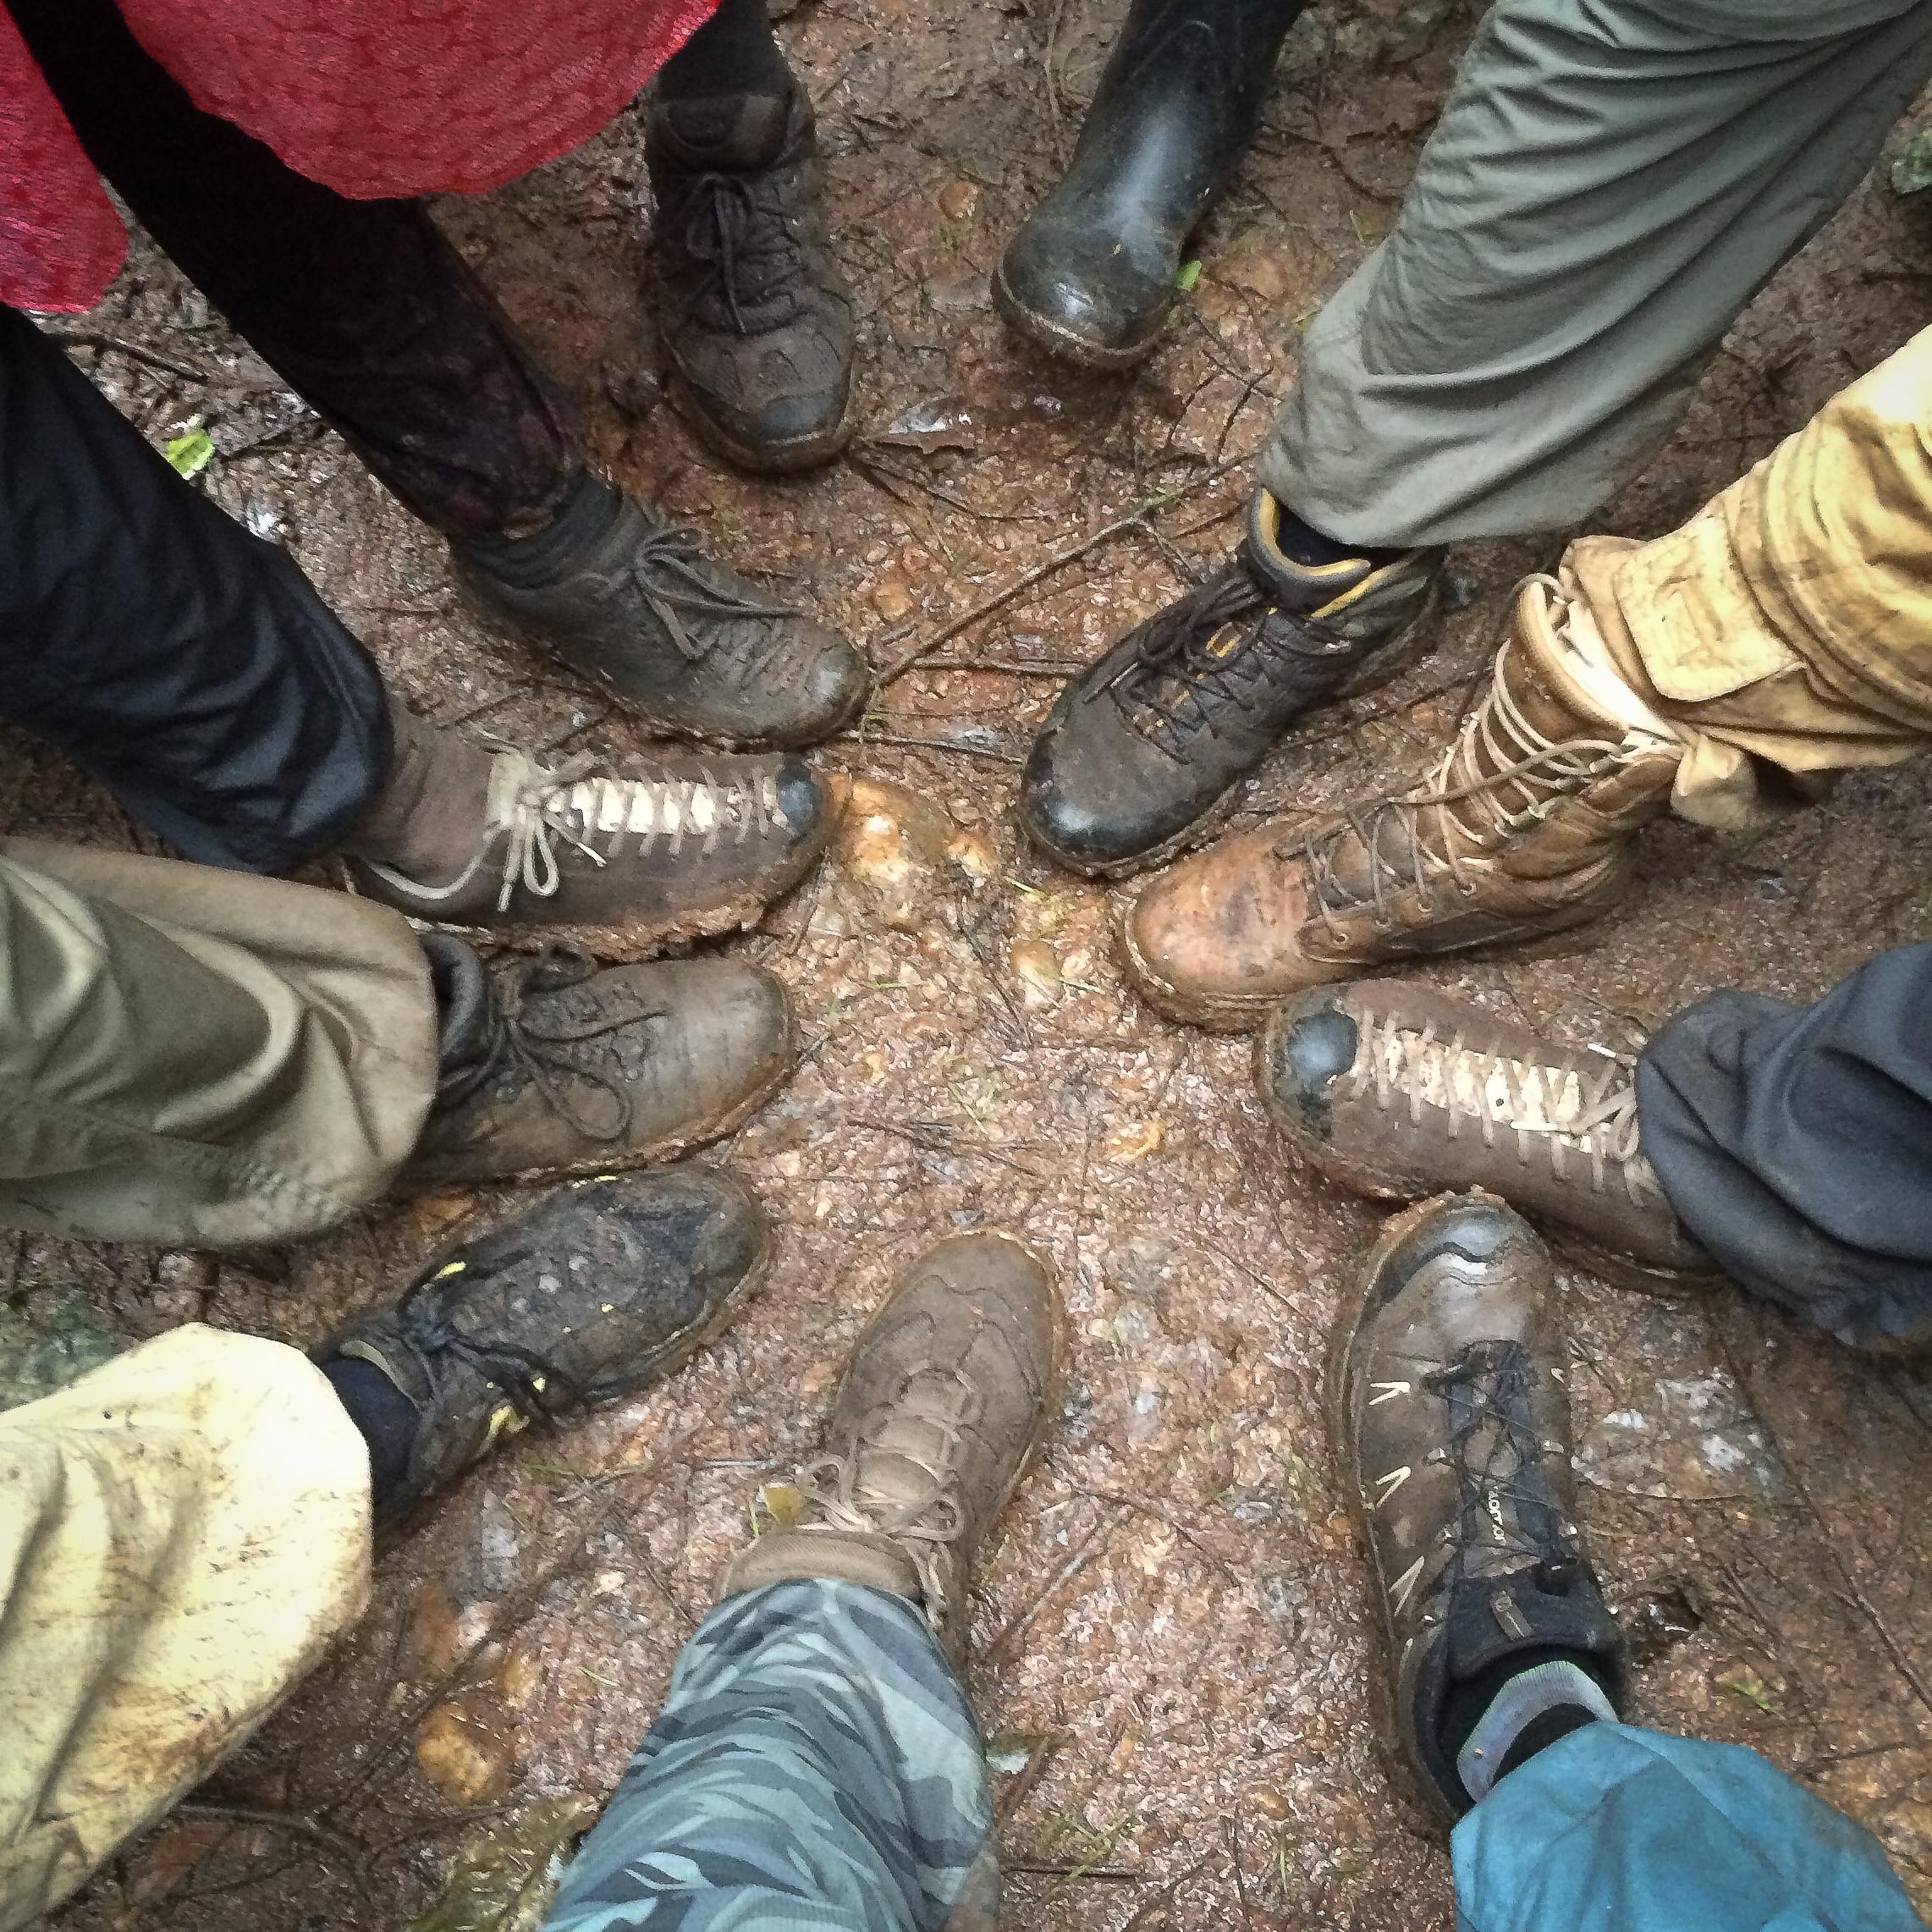 Uganda Co Spakowac Zeby Nie Zmarnowac Cennego Miejsca W Plecaku Zwinnie Przez Swiat